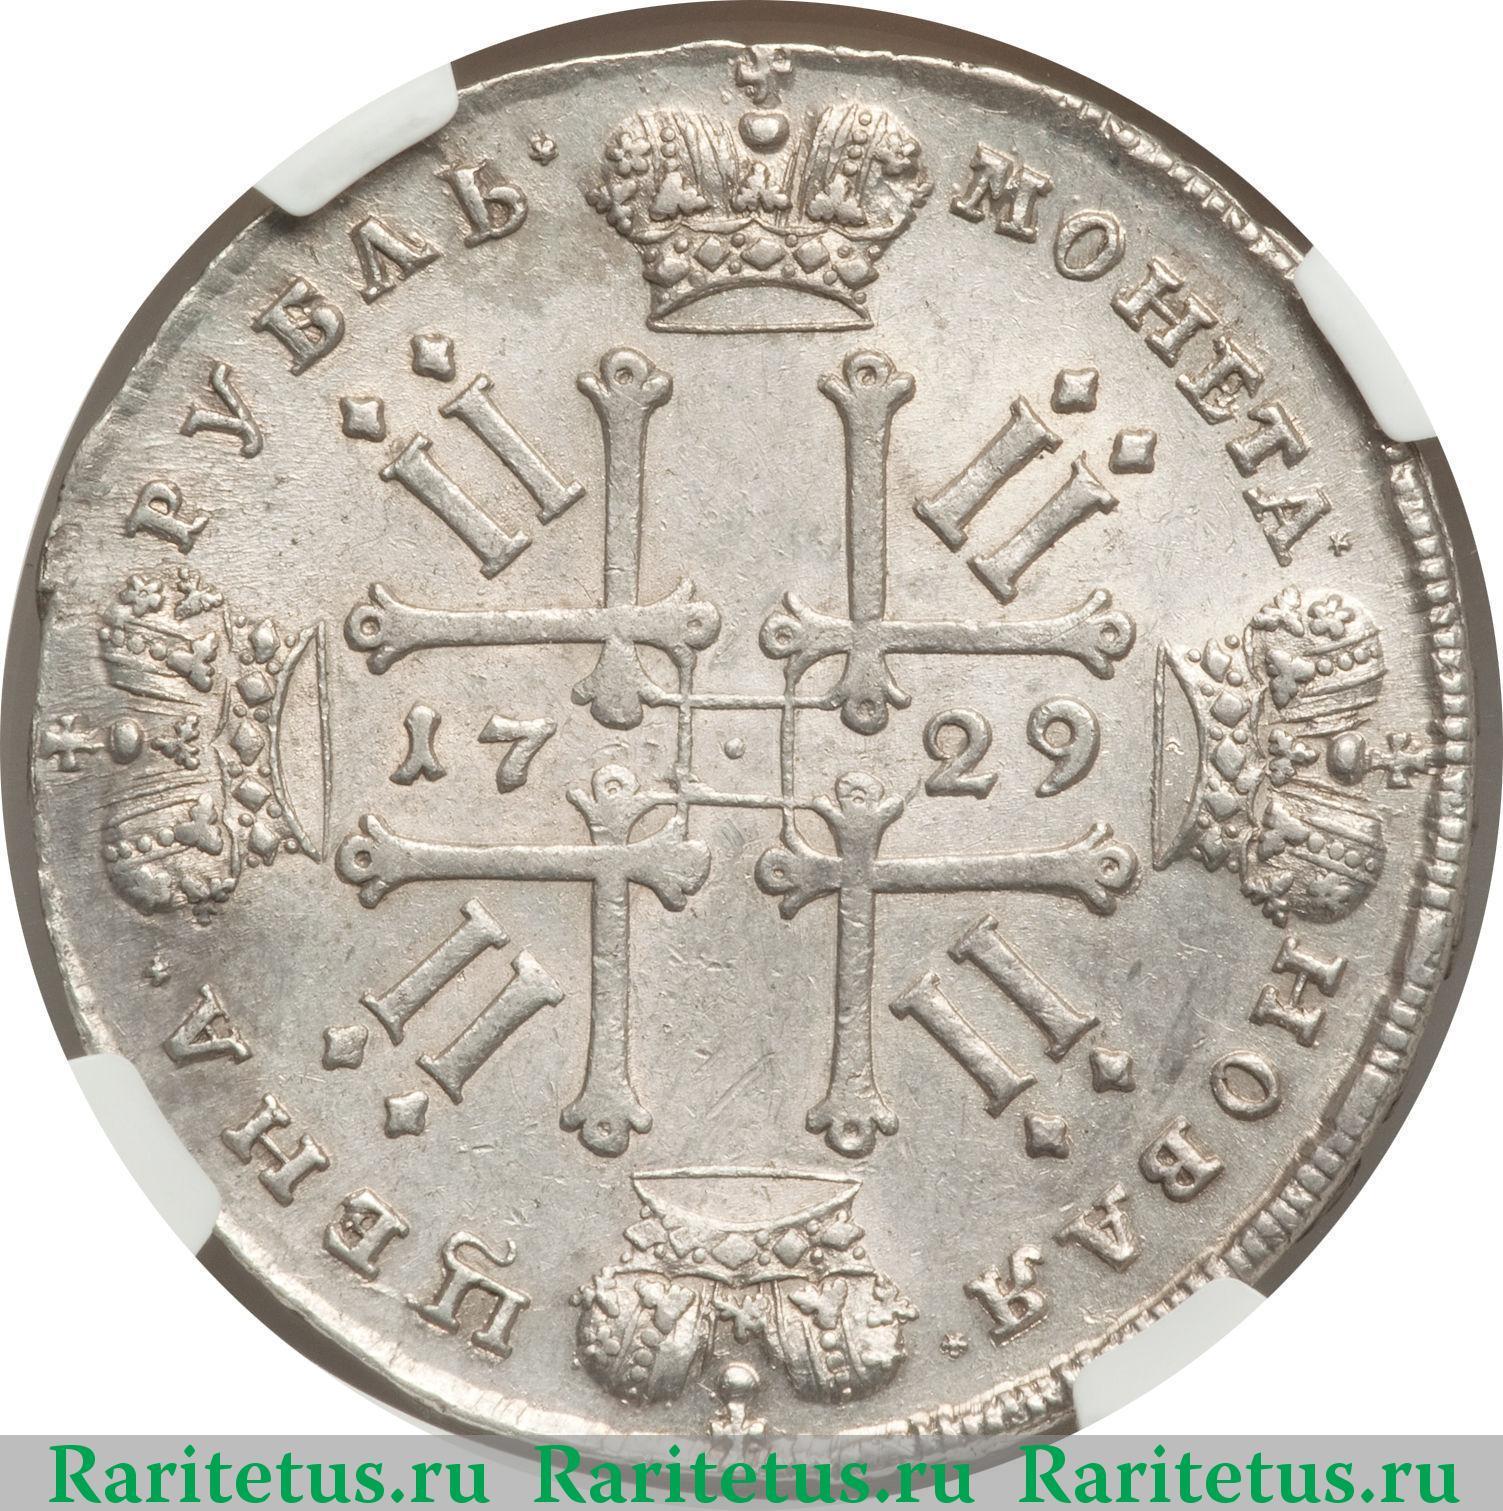 Серебряные монеты 1728 года цена сочинская рублевка